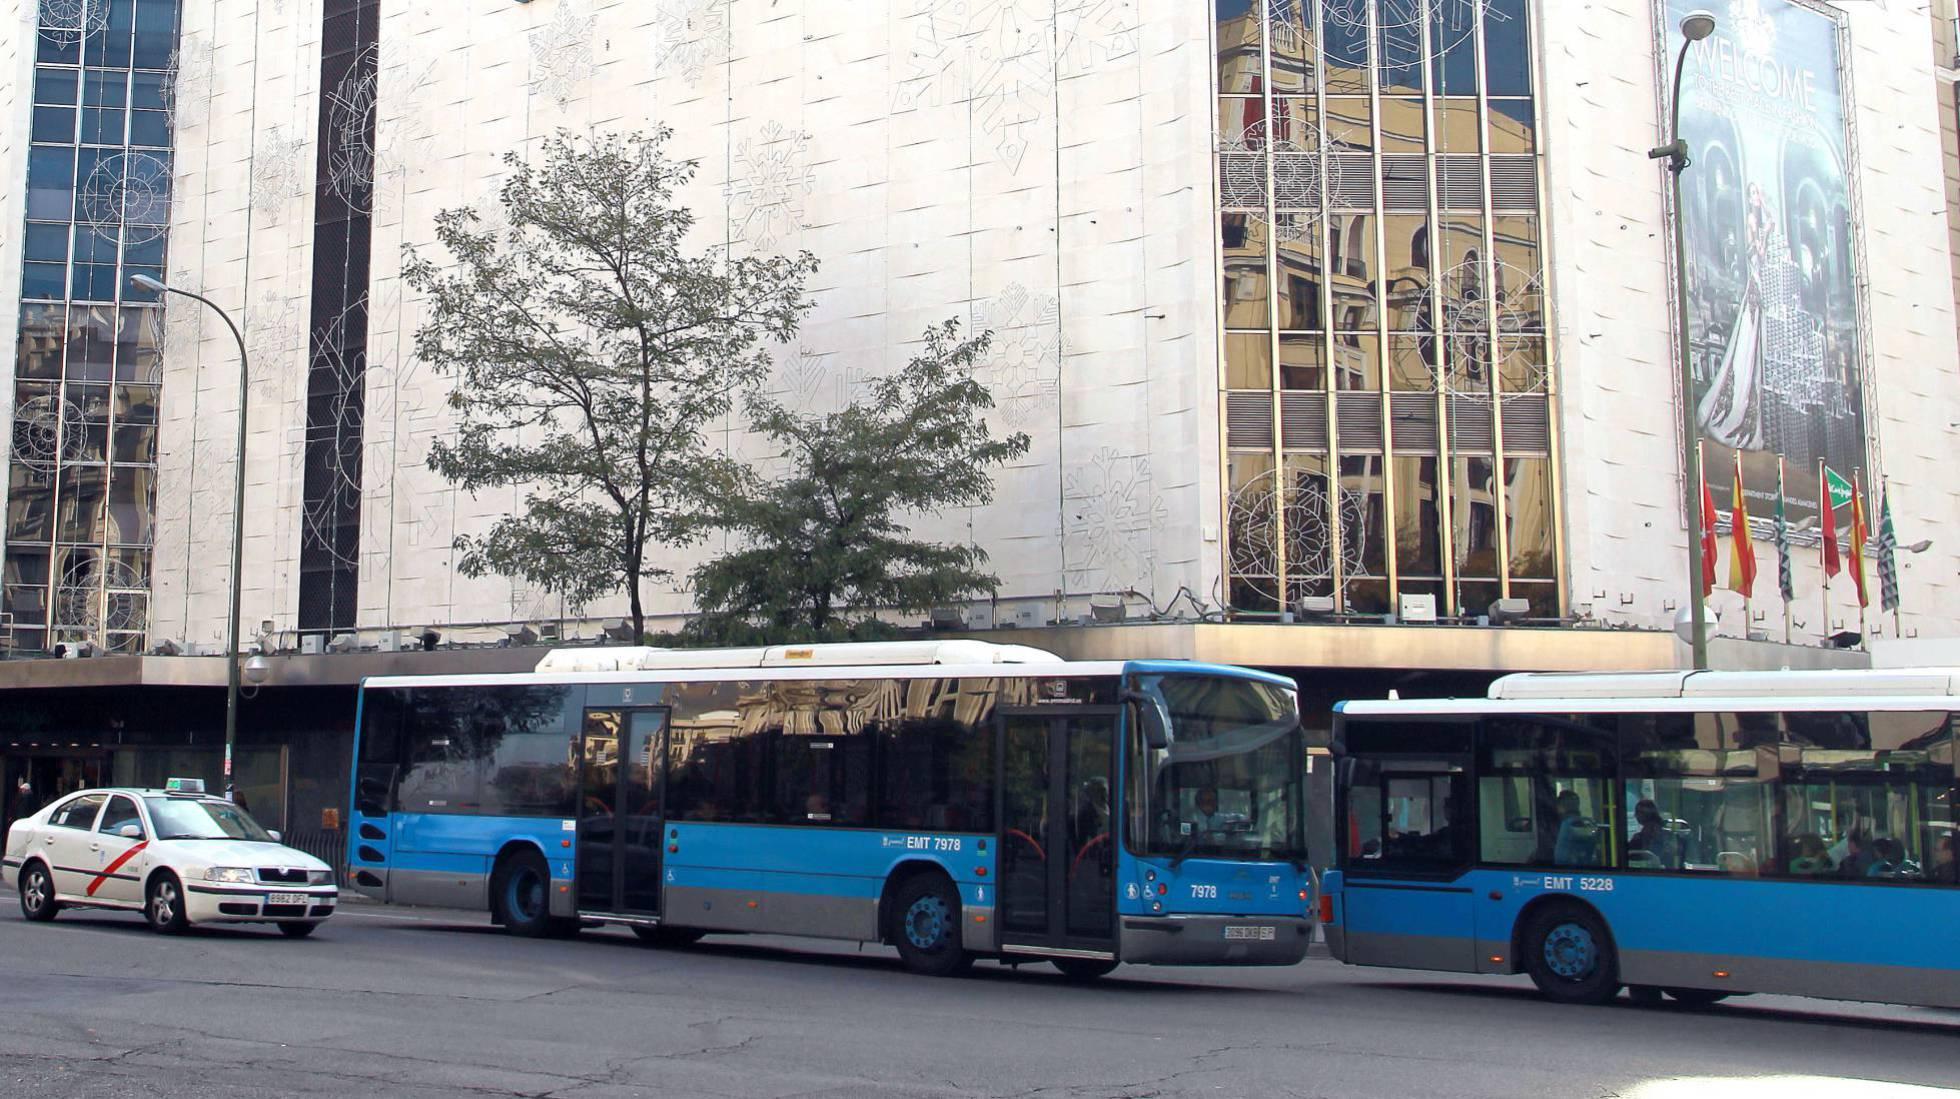 imagen de los autobuses de la EMT de Madrid junto con el taxi